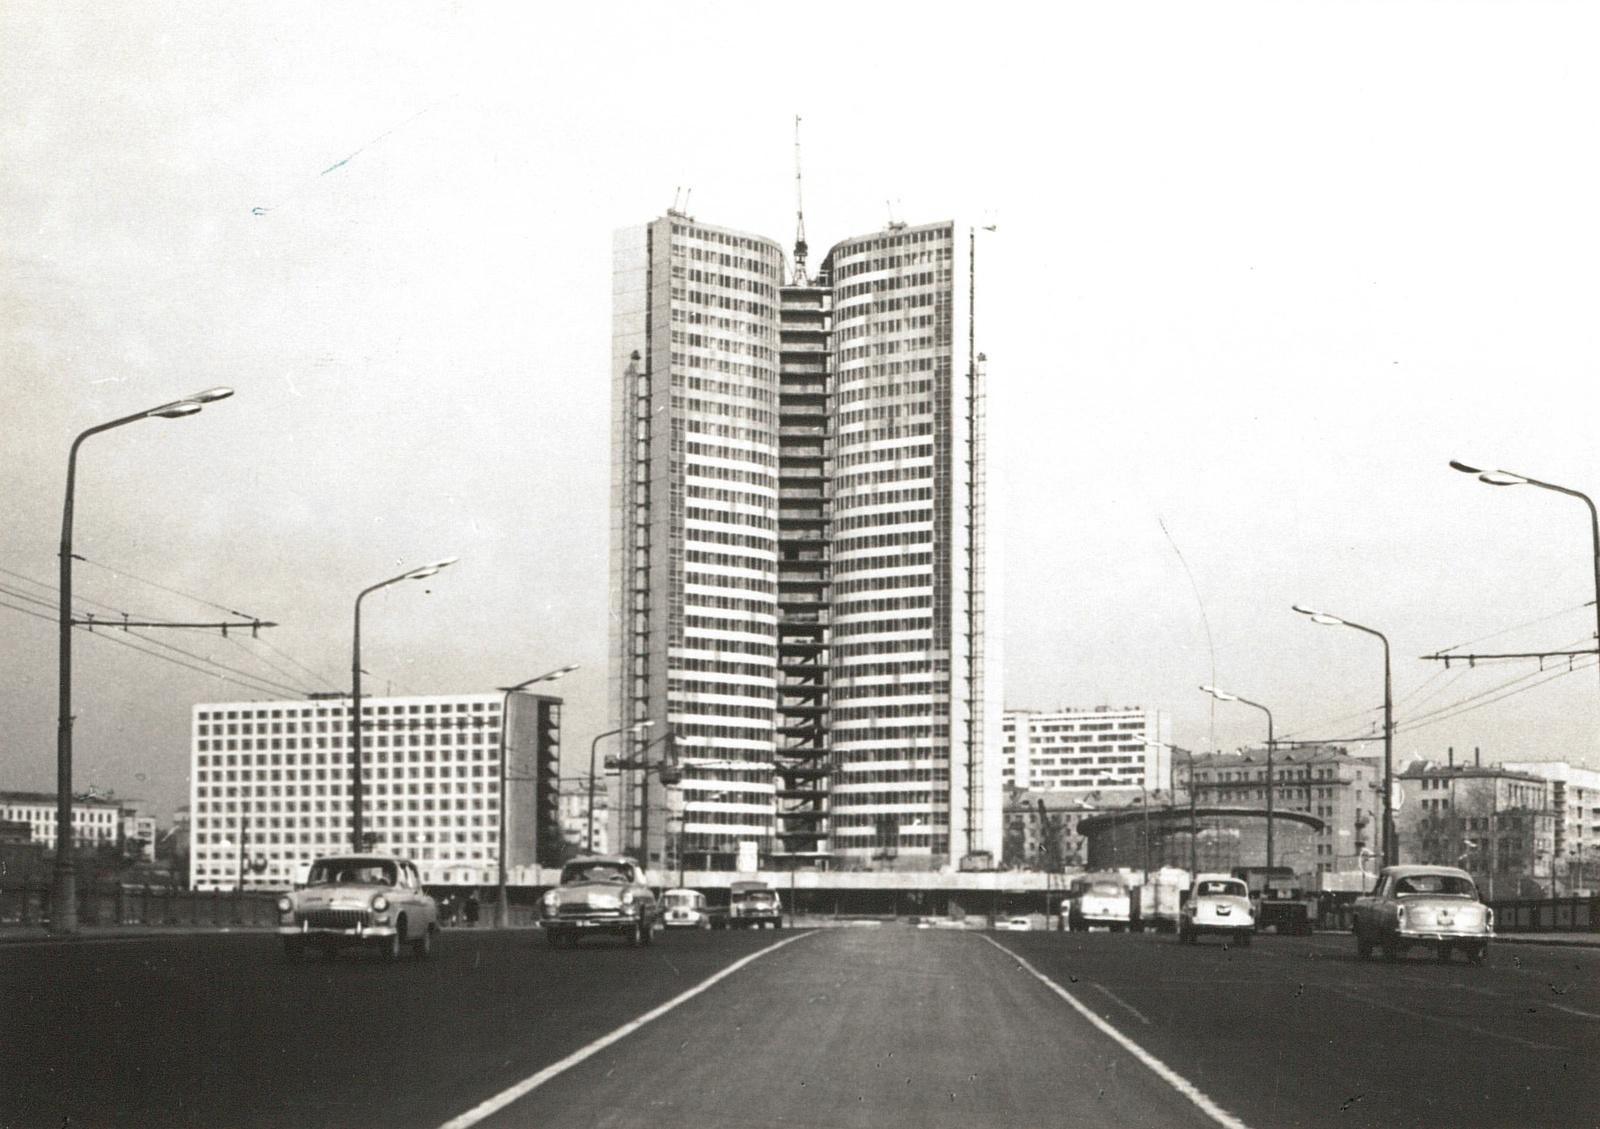 Москва. Строящееся здание. 1967